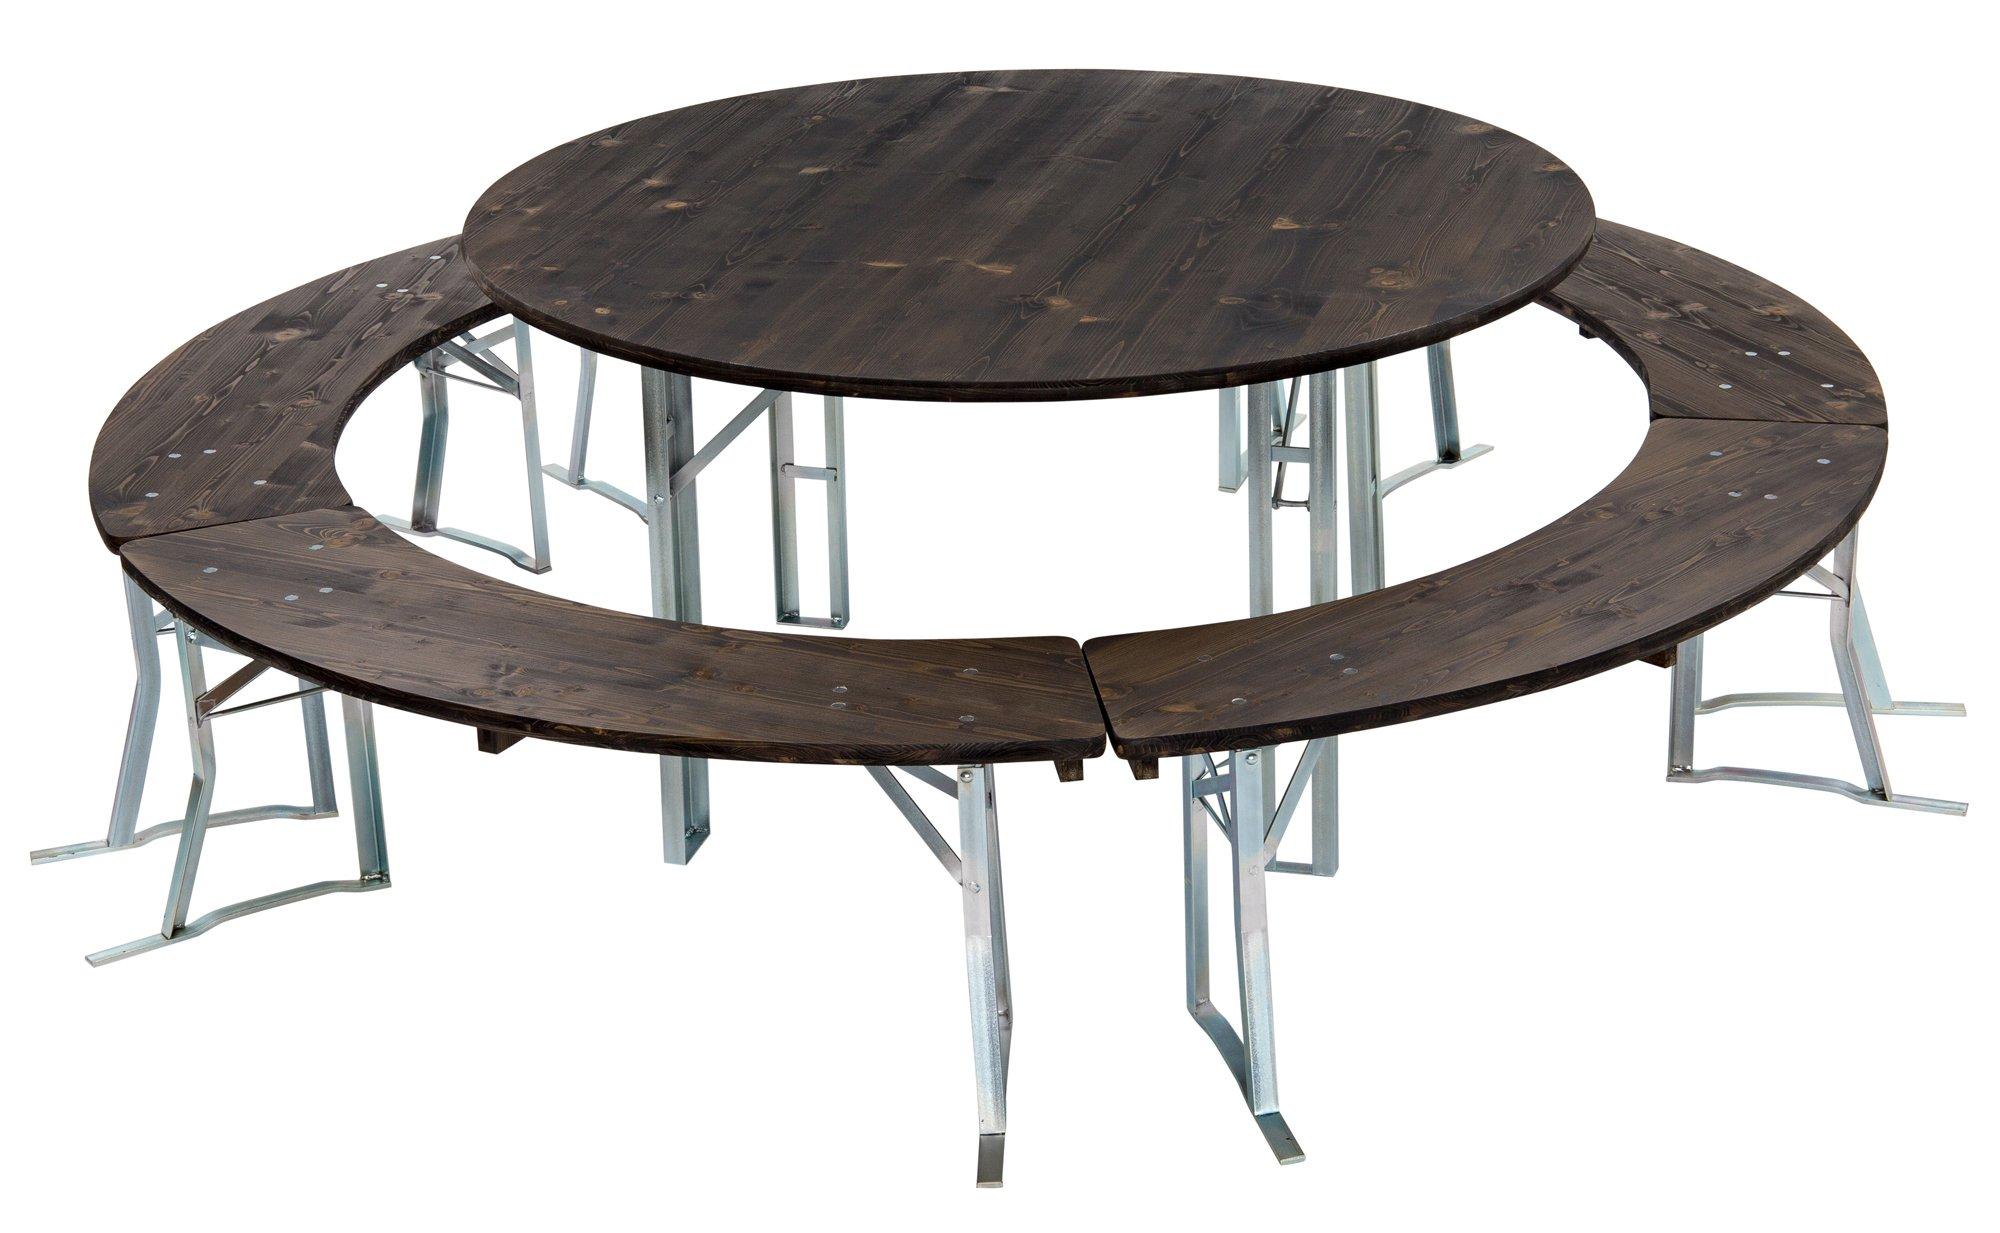 ensemble table ronde brasserie taille de la table 120 cm à 200 cm